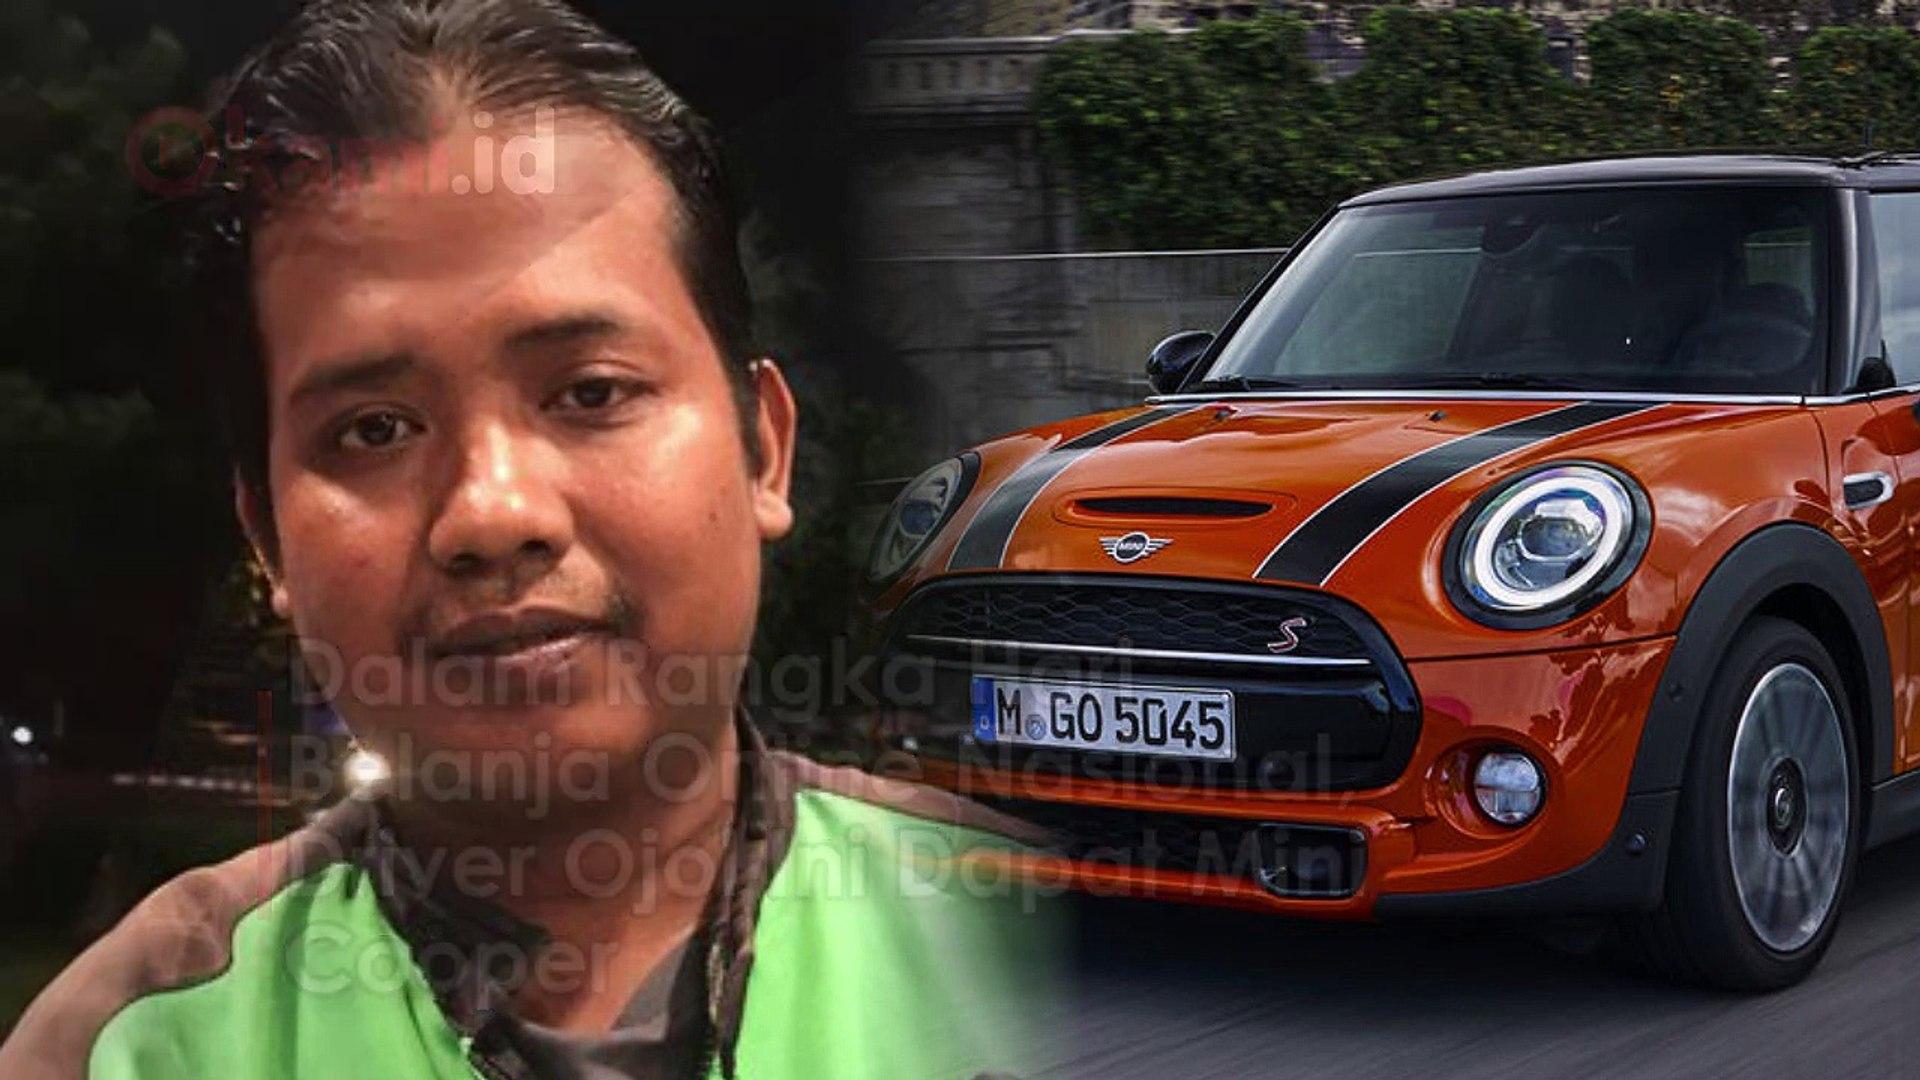 Dalam Rangka Hari Belanja Online Nasional, Driver Ojol Ini Dapat Mini Cooper